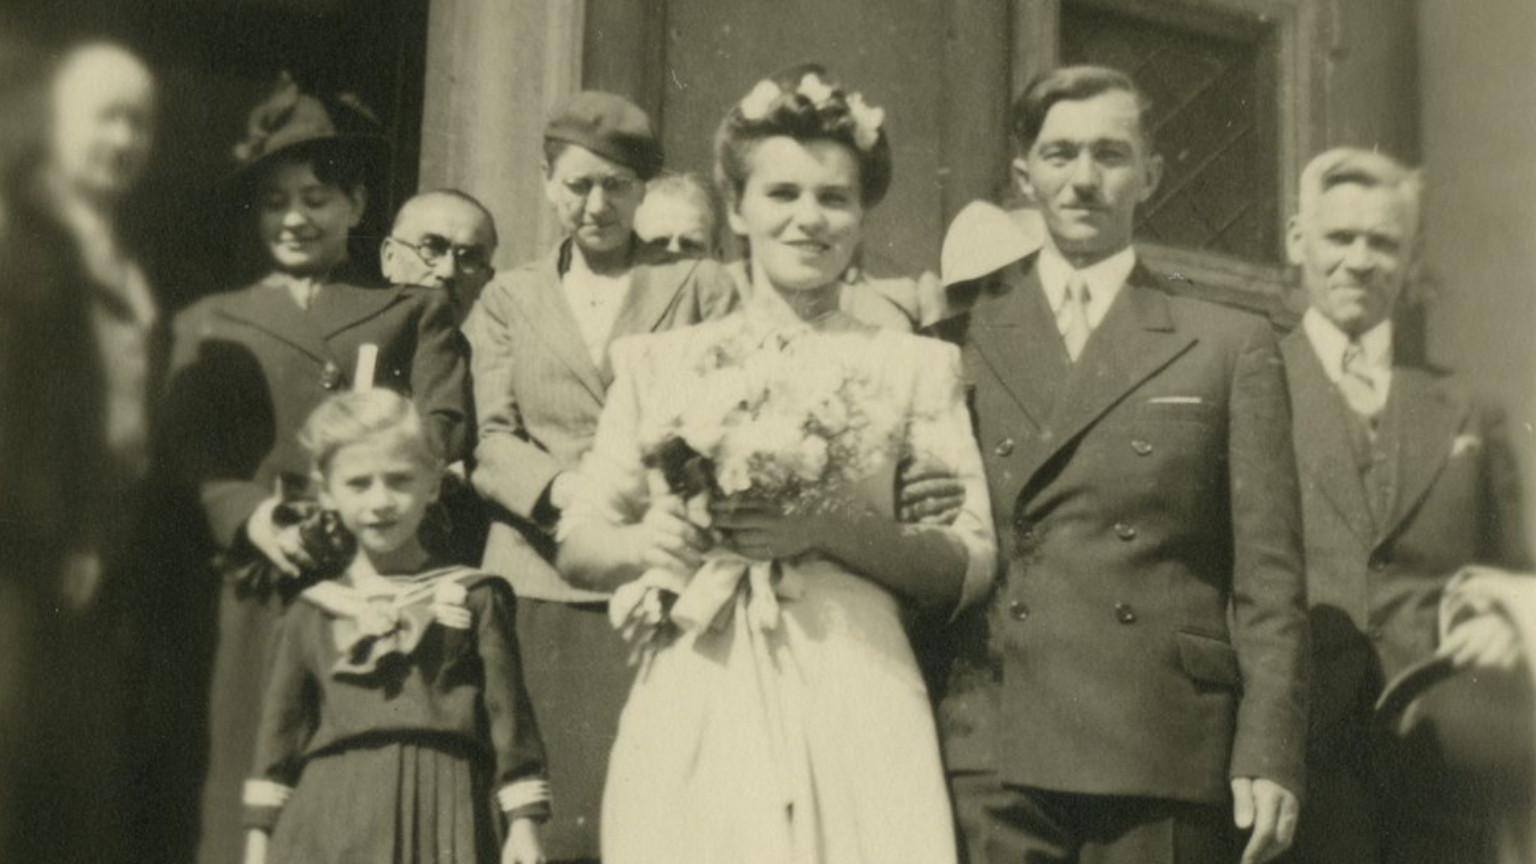 Zdjęcie dla kartki: Tragiczny koniec okupacyjnego ślubu